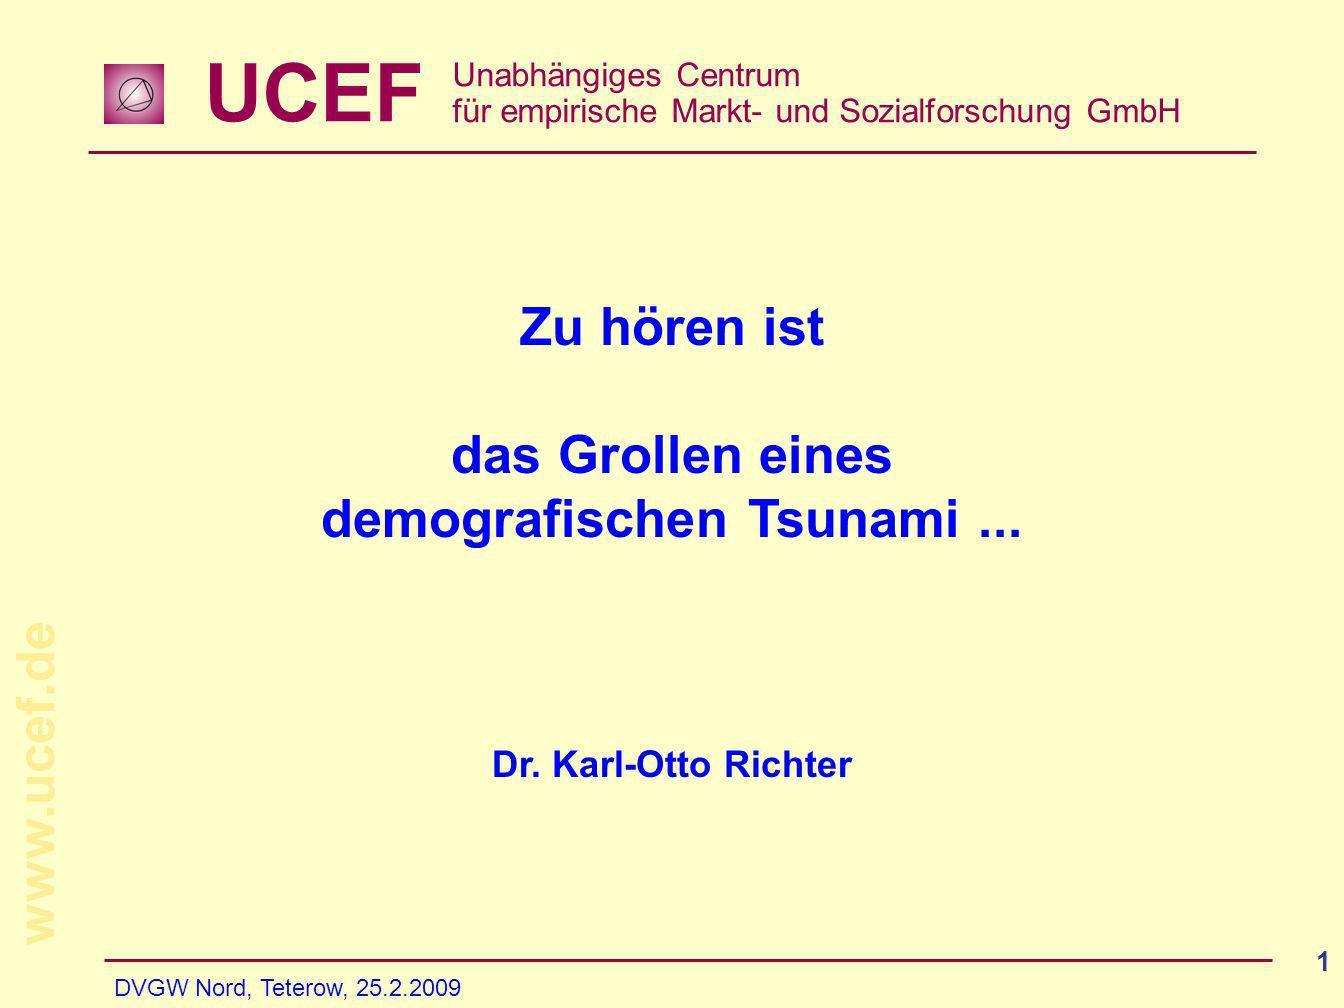 UCEF Unabhängiges Centrum für empirische Markt- und Sozialforschung GmbH www.ucef.de DVGW Nord, Teterow, 25.2.2009 1 Zu hören ist das Grollen eines demografischen Tsunami...